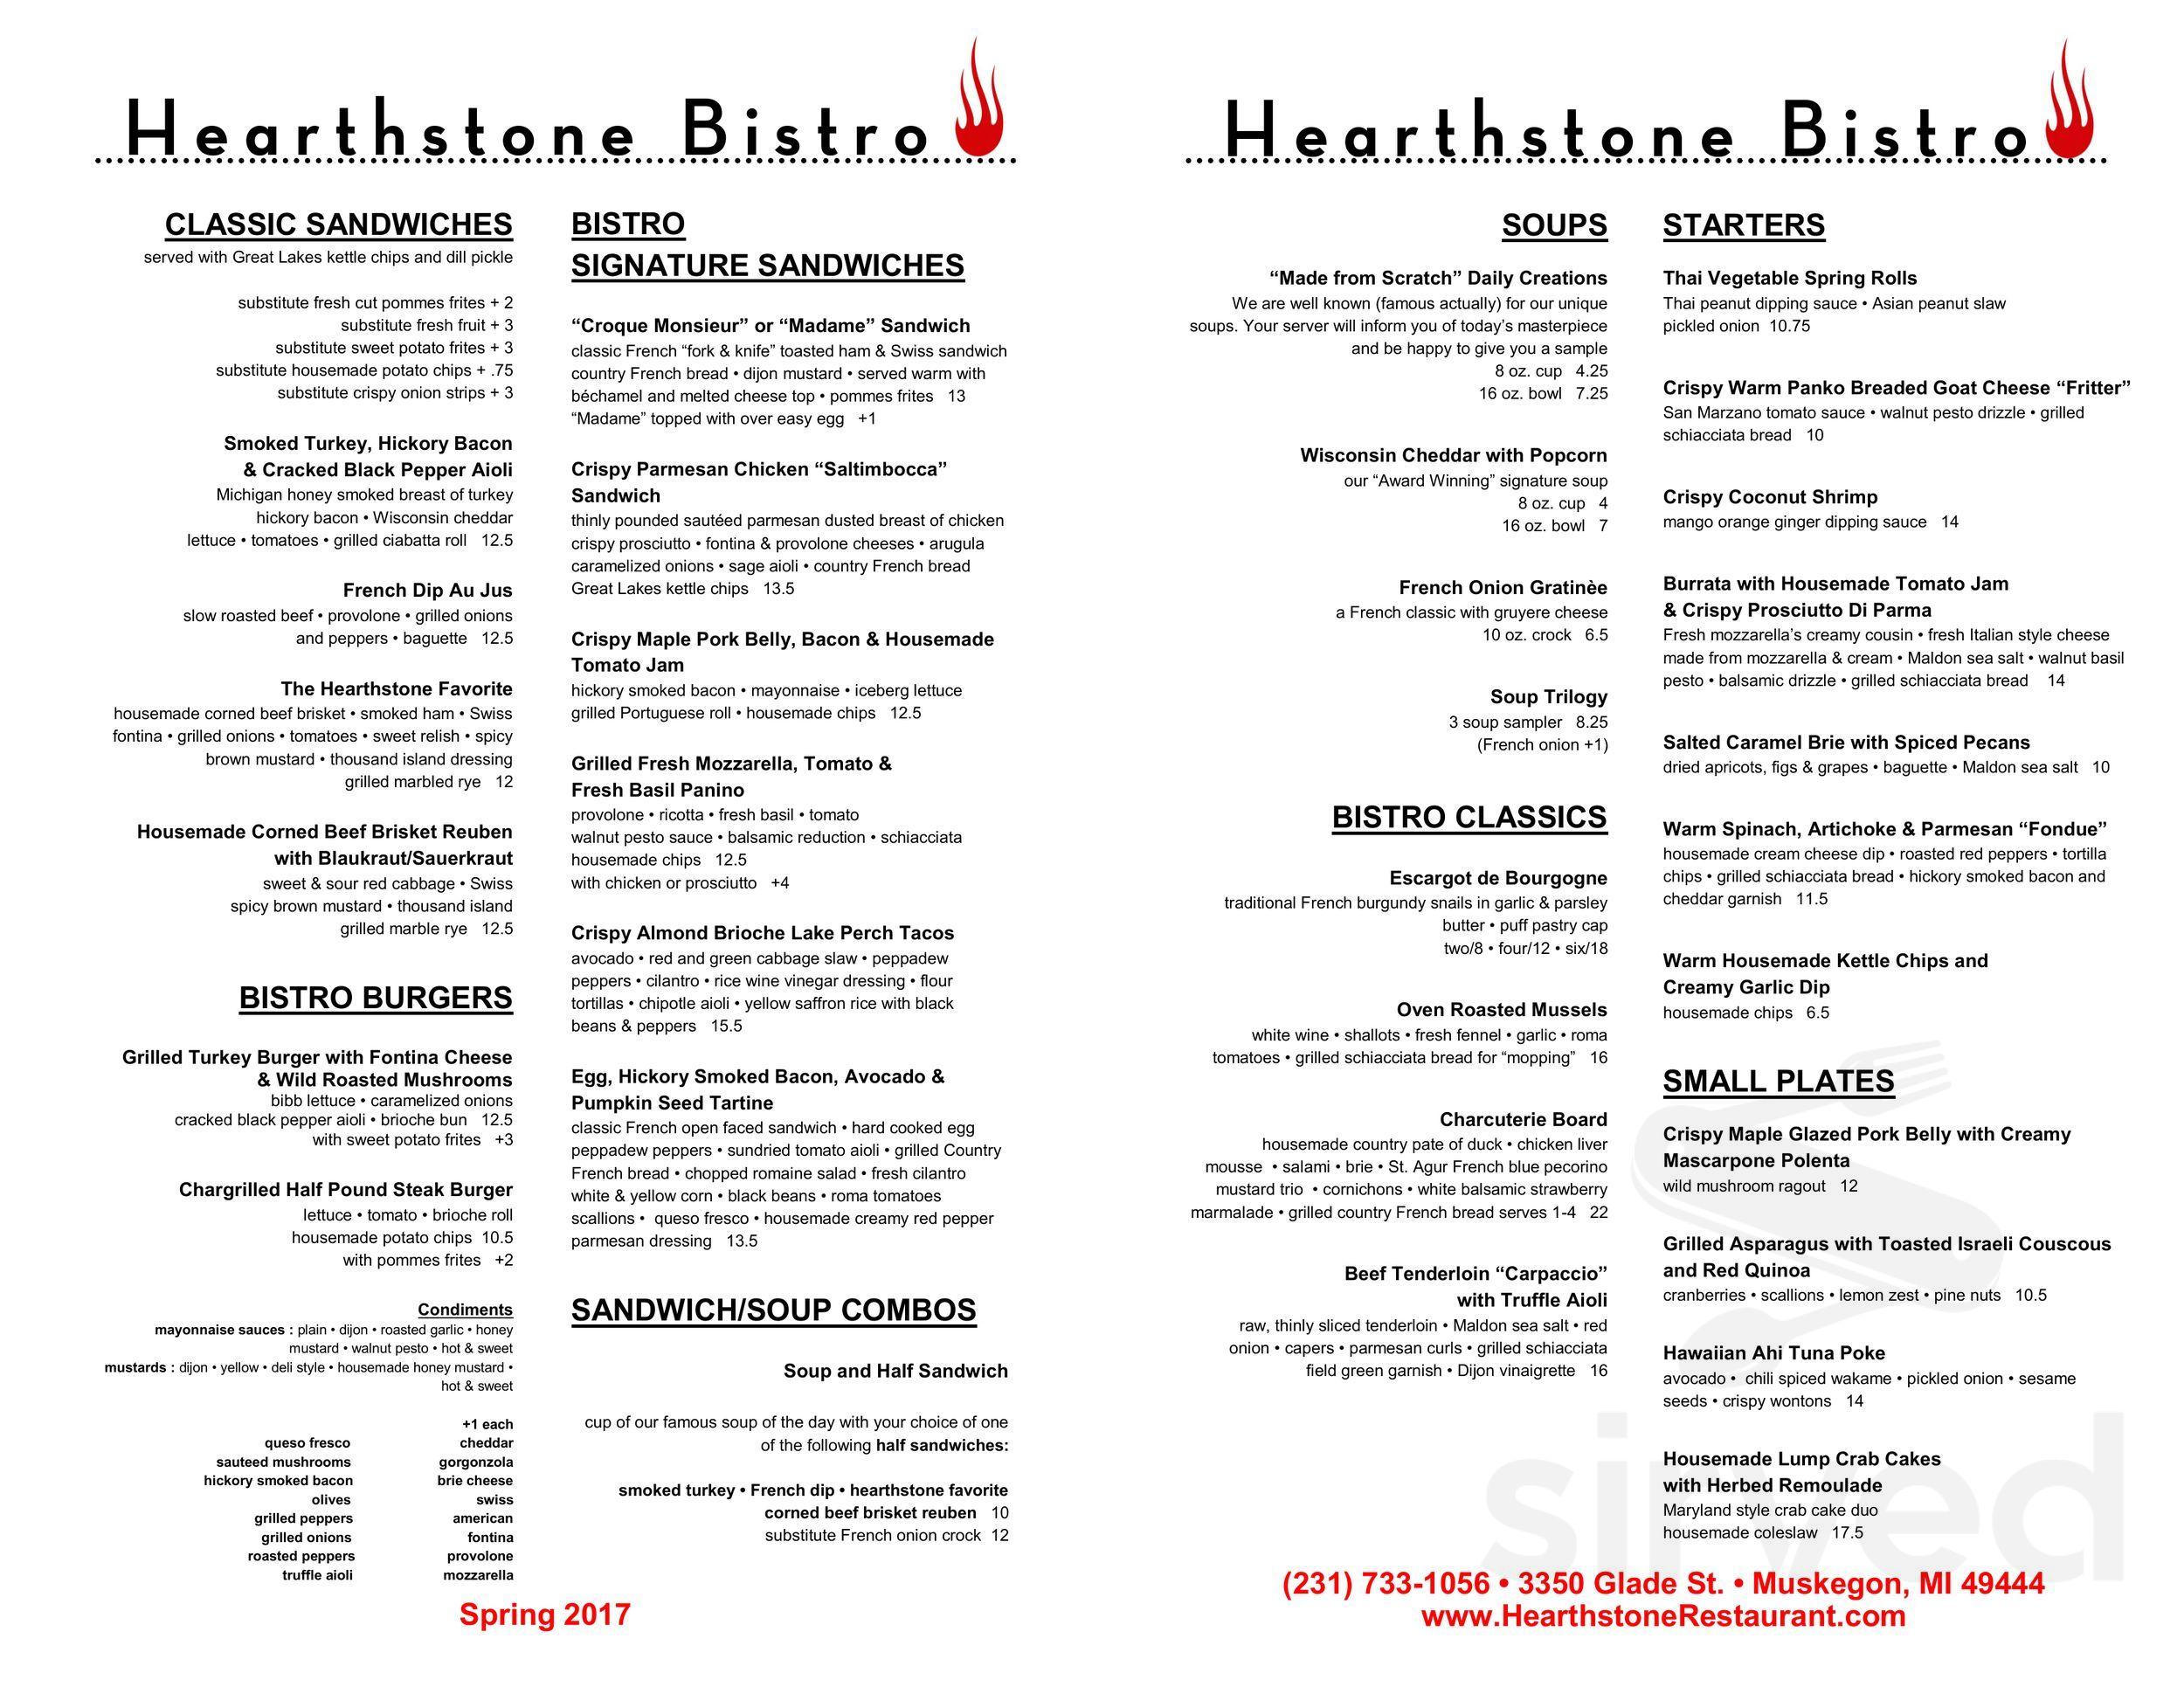 Menu for Hearthstone Bistro in Muskegon, Michigan, USA